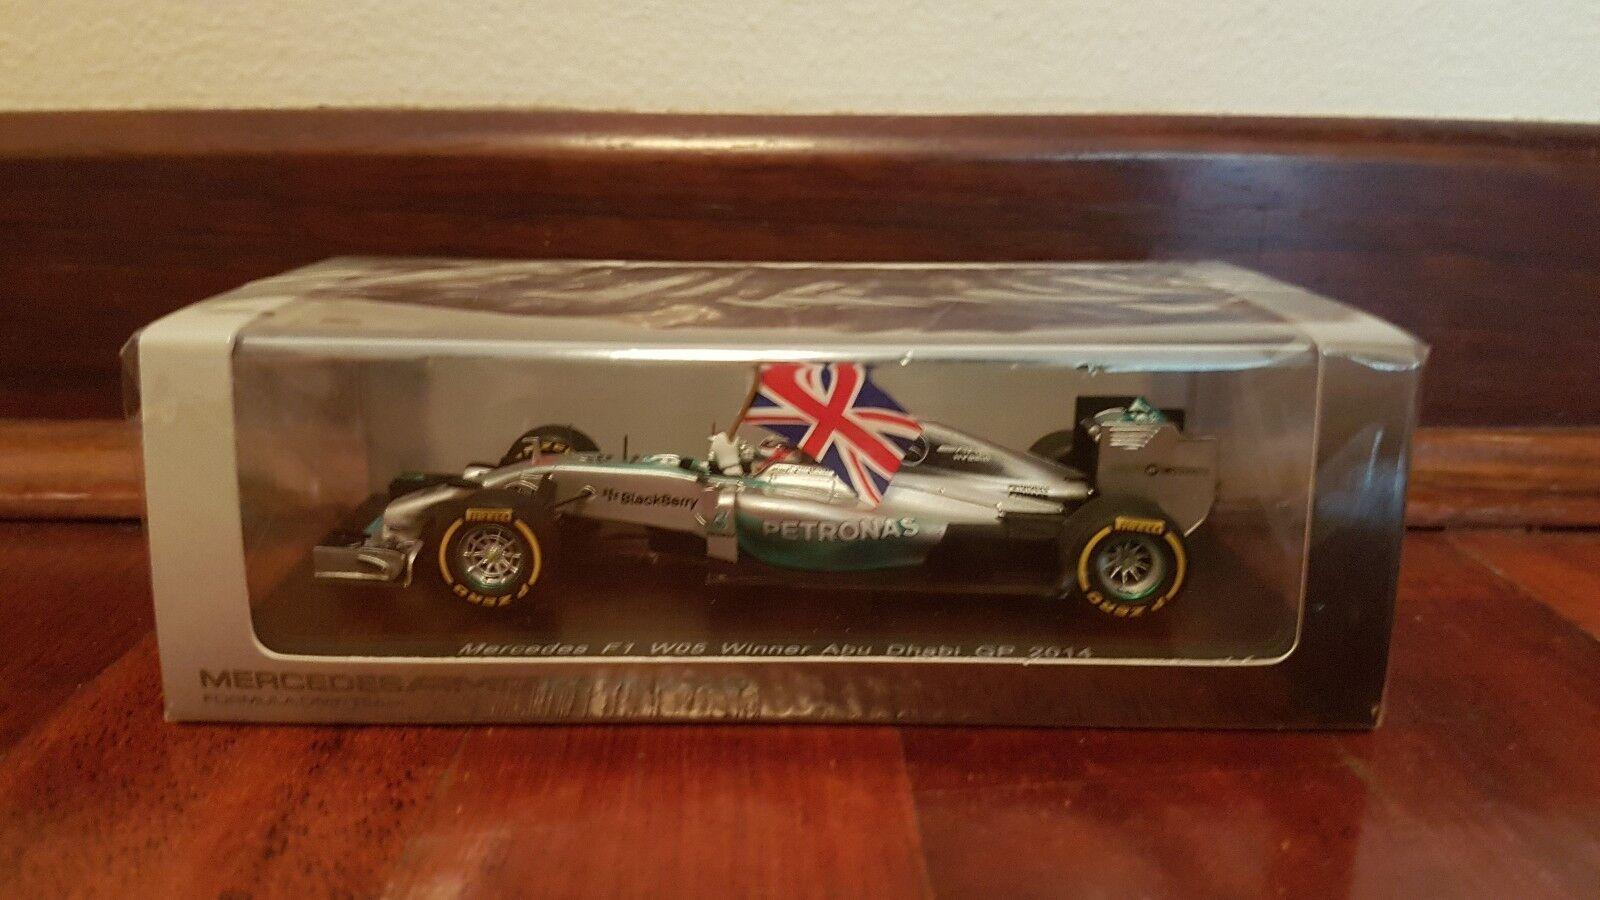 Mercedes Wgp05 Spark L.Hamilton 2014 1 43